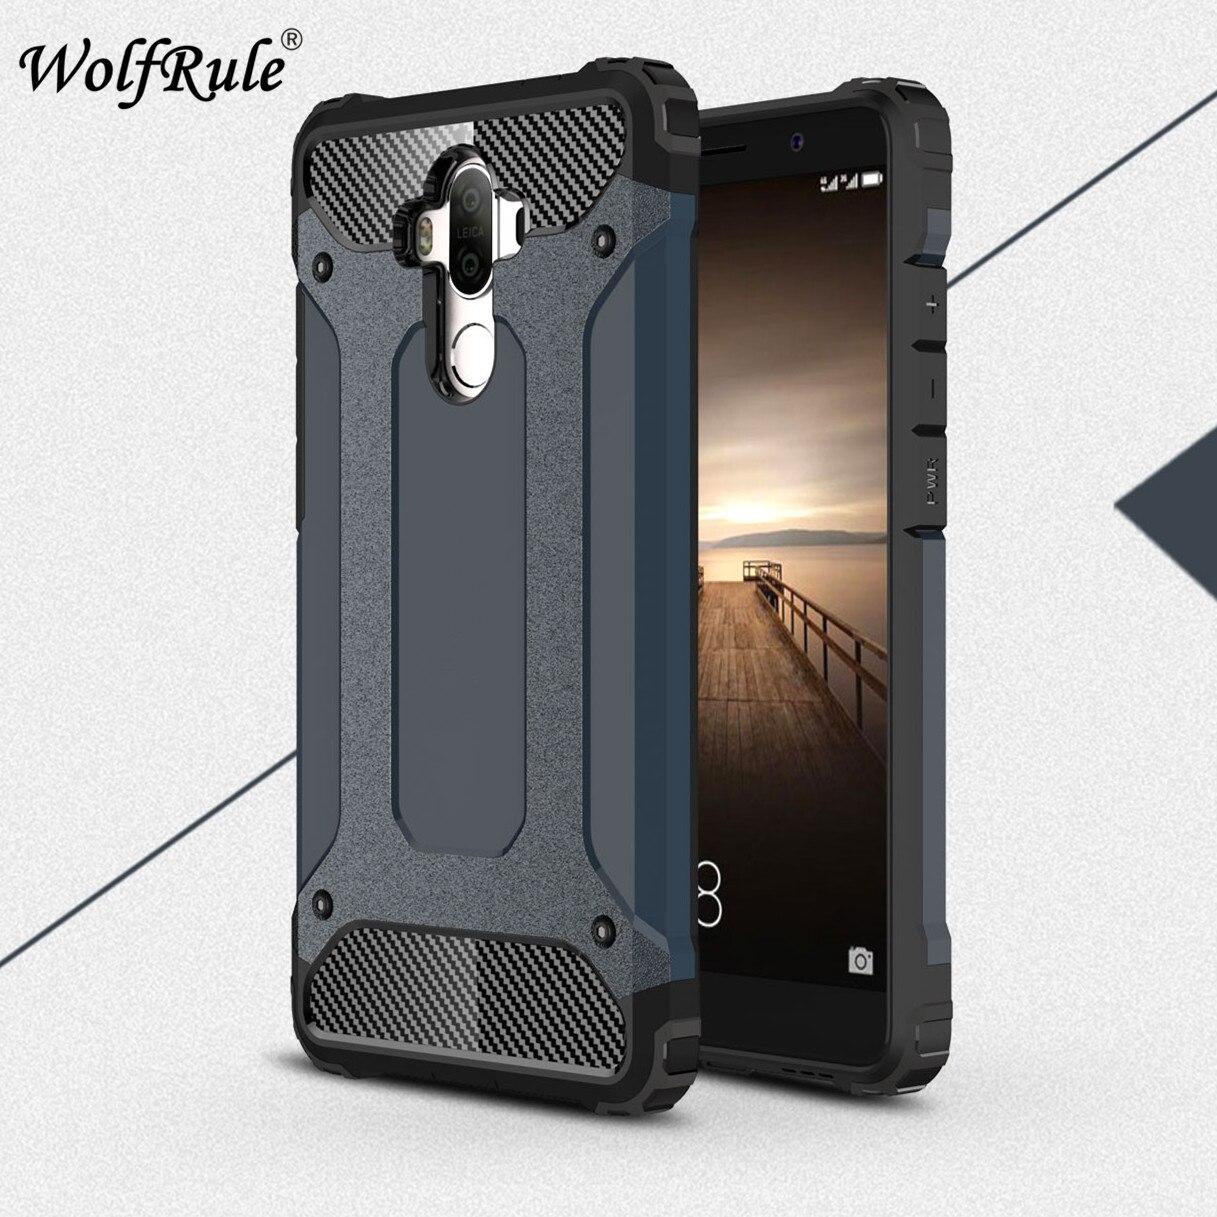 Wolfrole чехол для телефона Huawei Mate 9 Funda противоударный силиконовый + пластиковый деловой чехол для Huawei Mate 9 чехол Huawei Mate 9 Funda